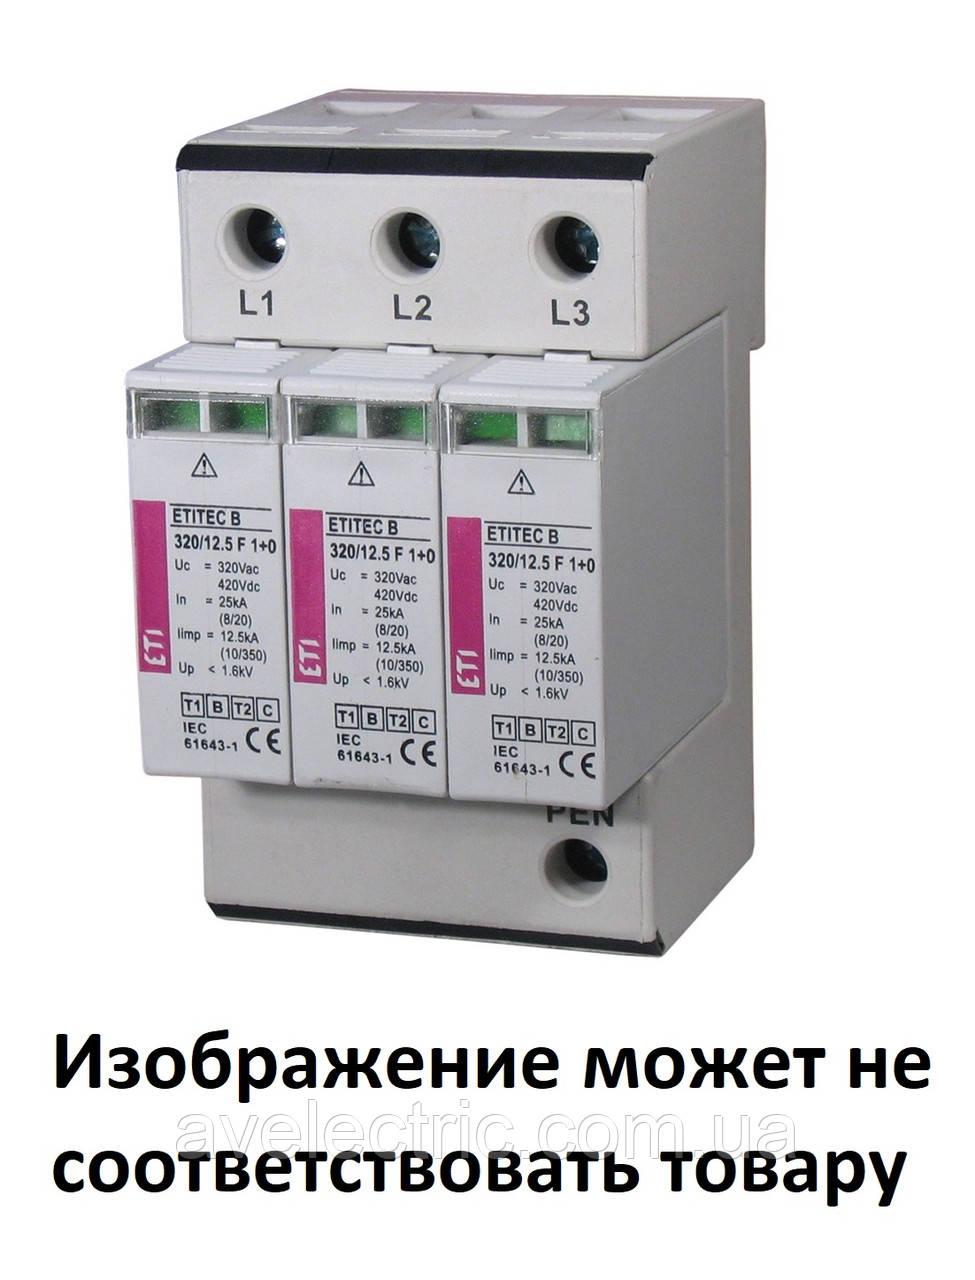 Ограничитель перенапряжения ETITEC SM T12 300/25 (4+0, 8p, TNC-S)